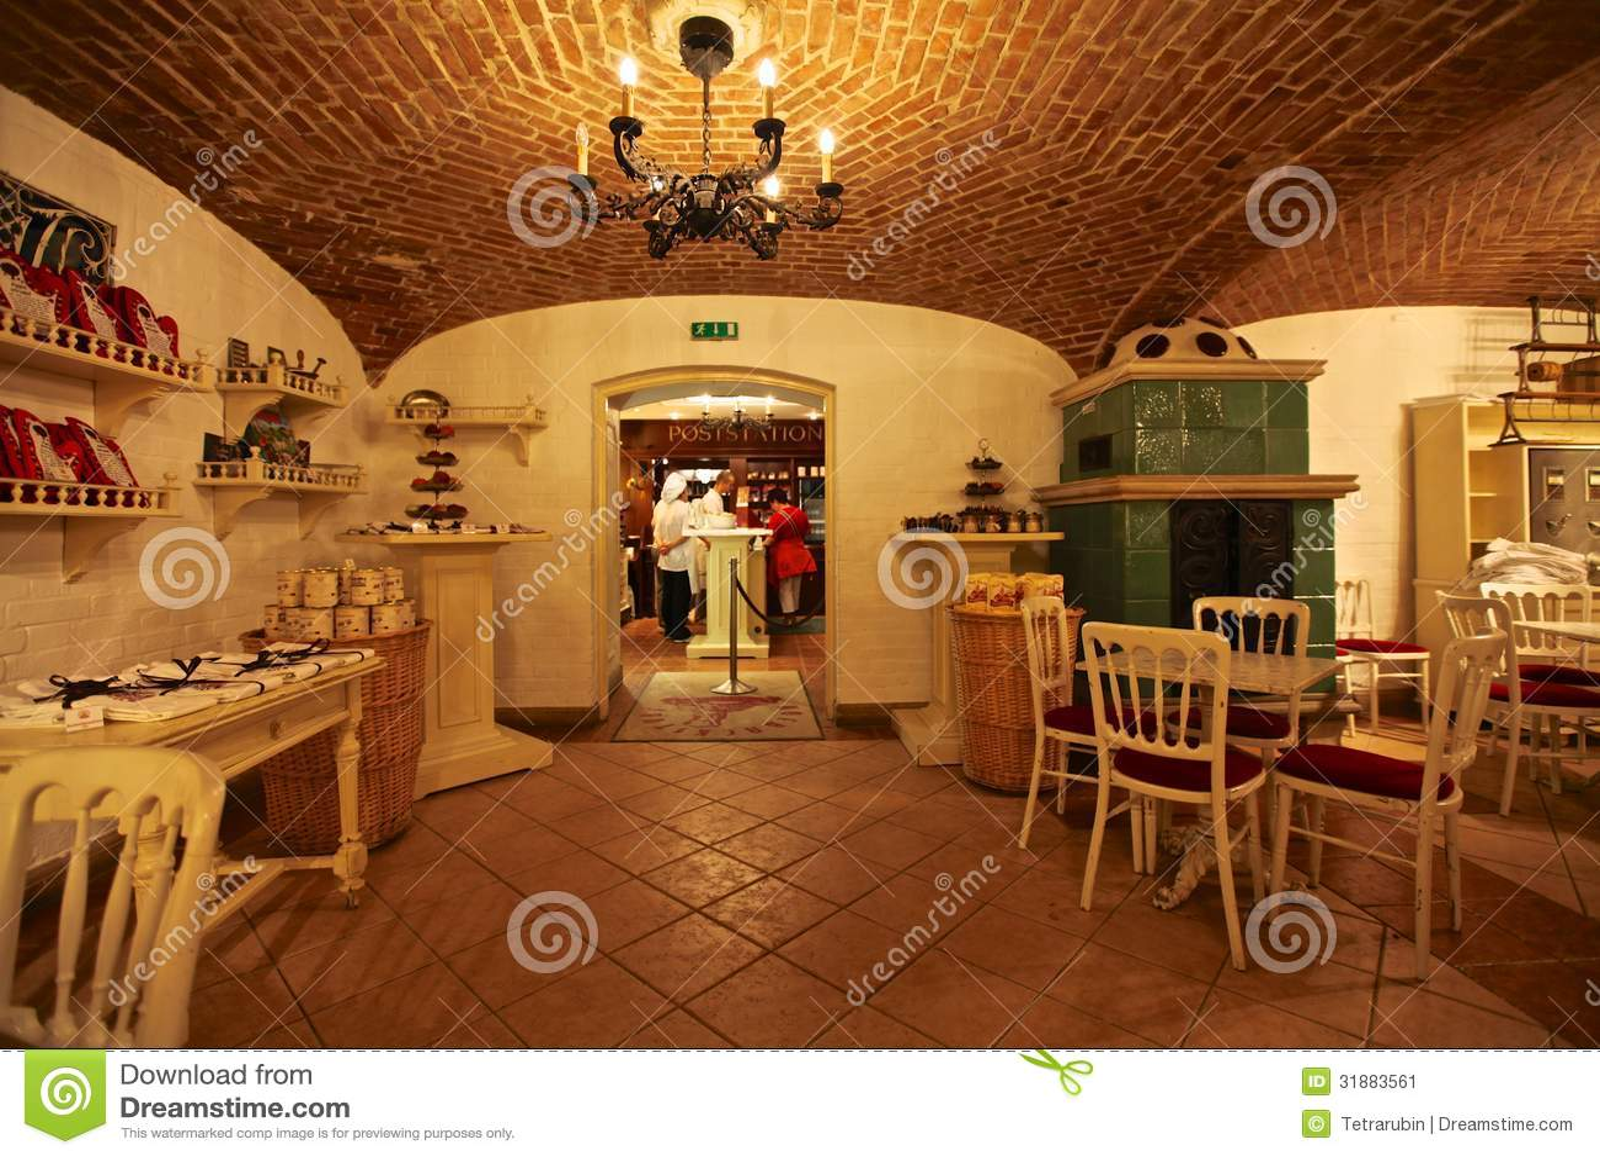 Interior of austrian restaurant in vienna austria